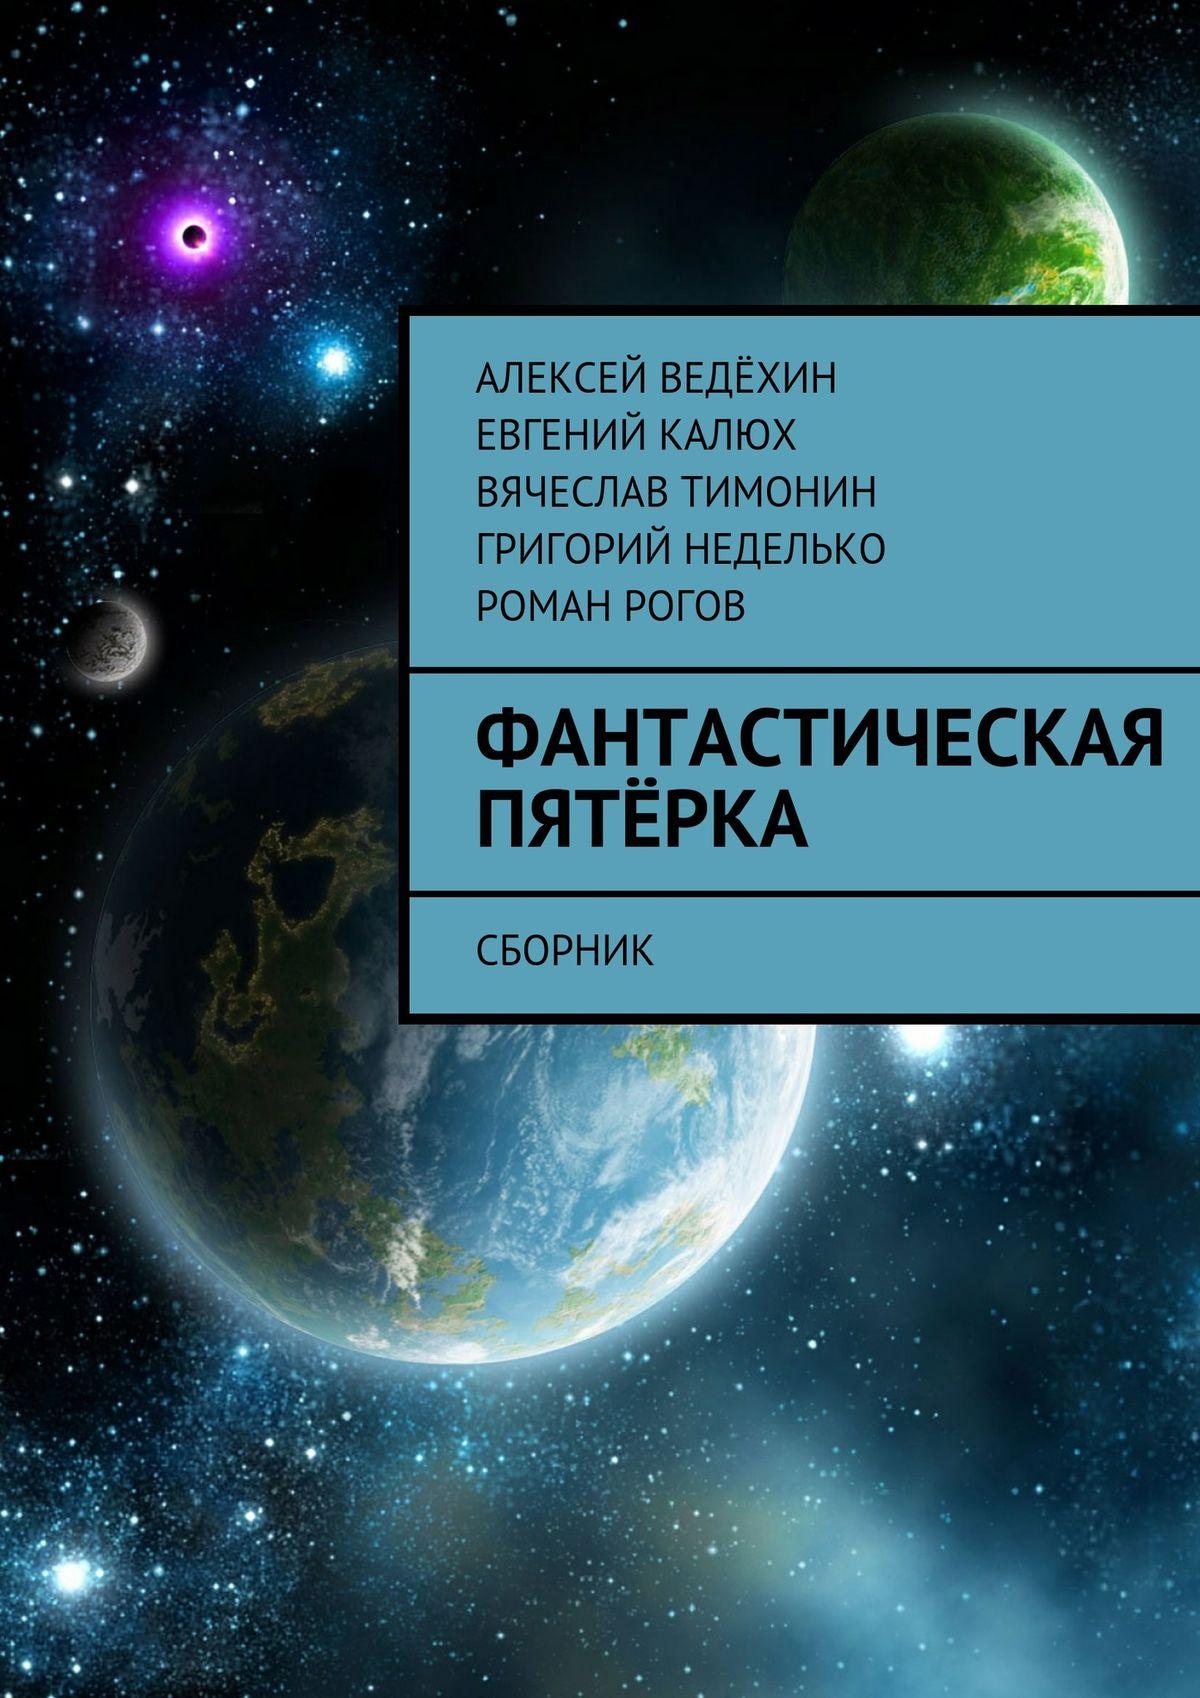 Алексей Ведёхин Фантастическая пятёрка. Сборник алексей ведёхин сказка модерн болотный киберпанк